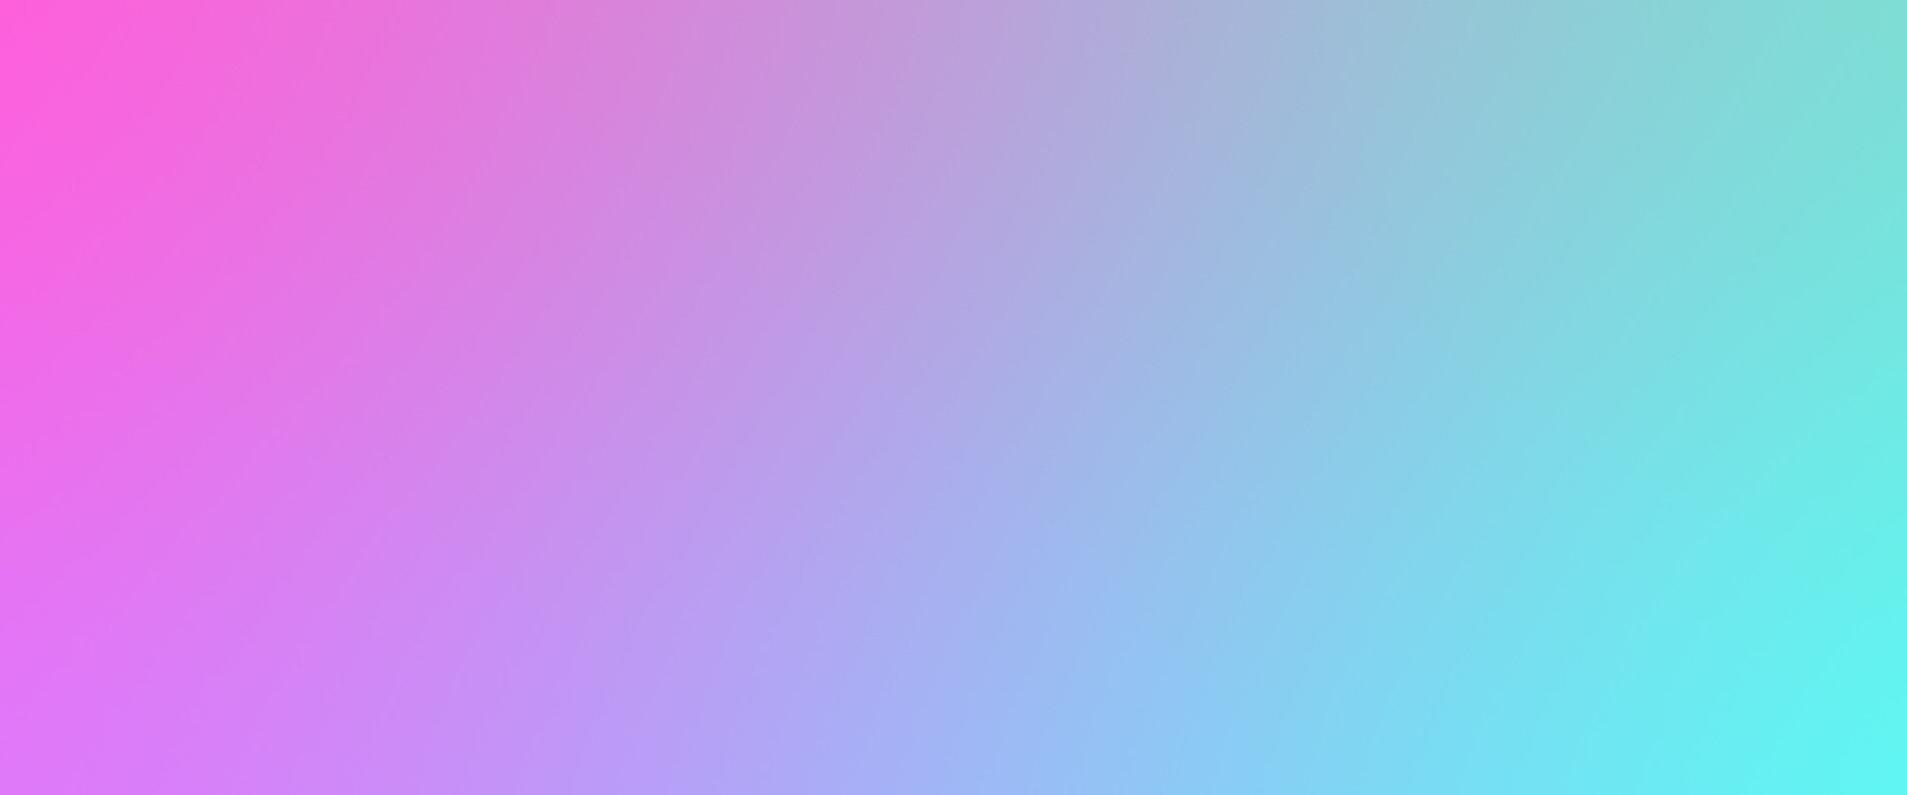 Gradient_02.jpg